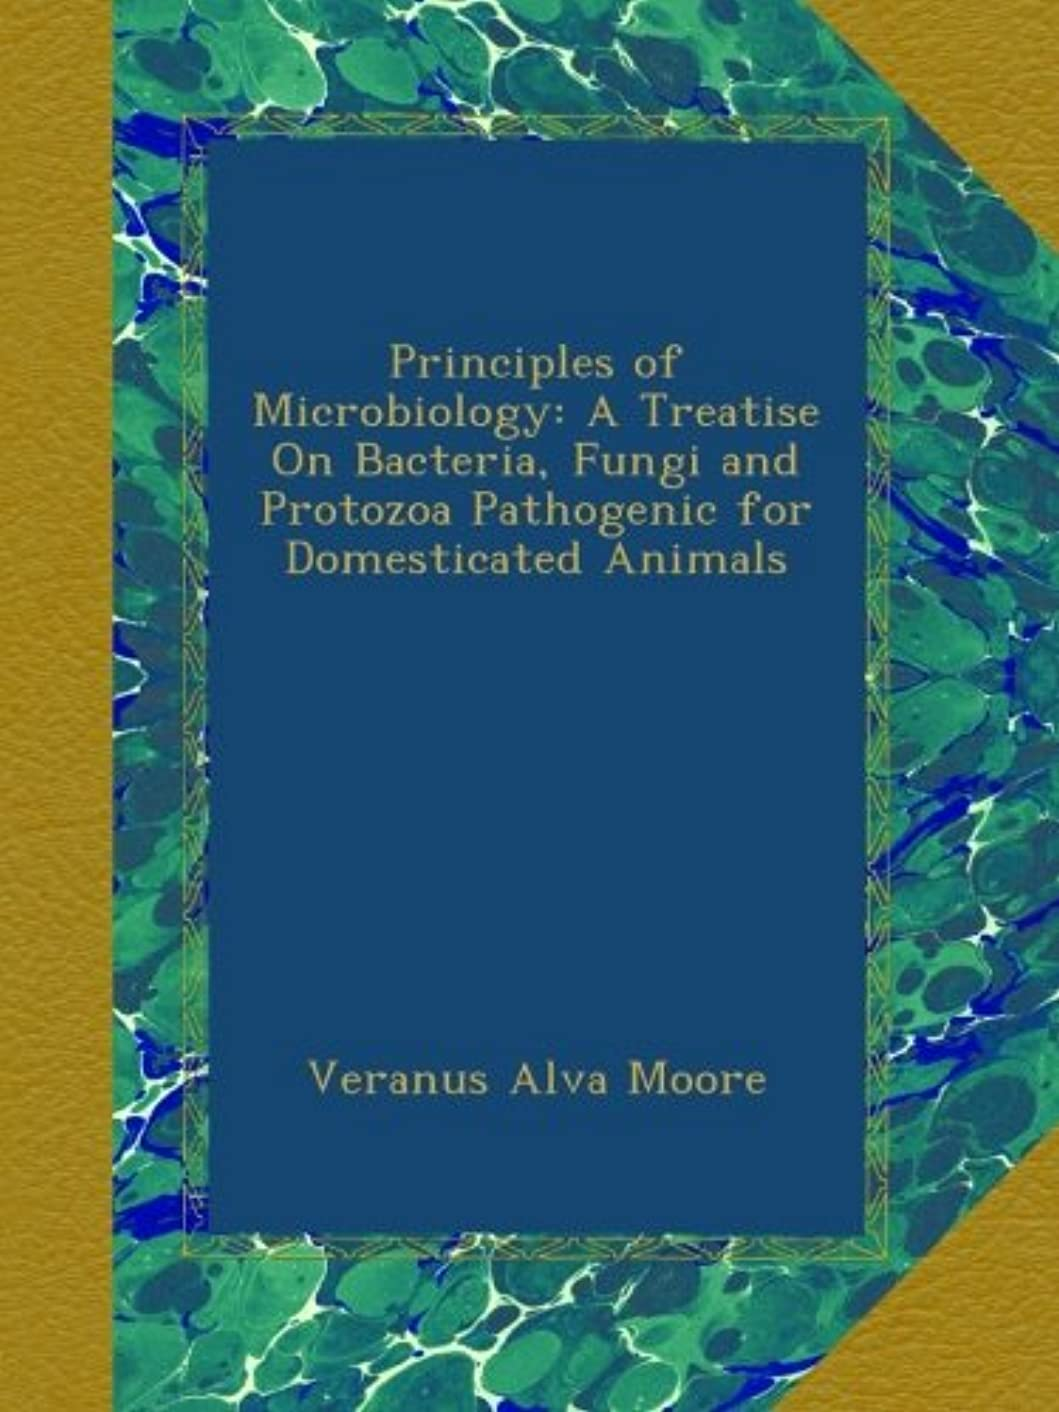 モナリザ説得雄弁Principles of Microbiology: A Treatise On Bacteria, Fungi and Protozoa Pathogenic for Domesticated Animals